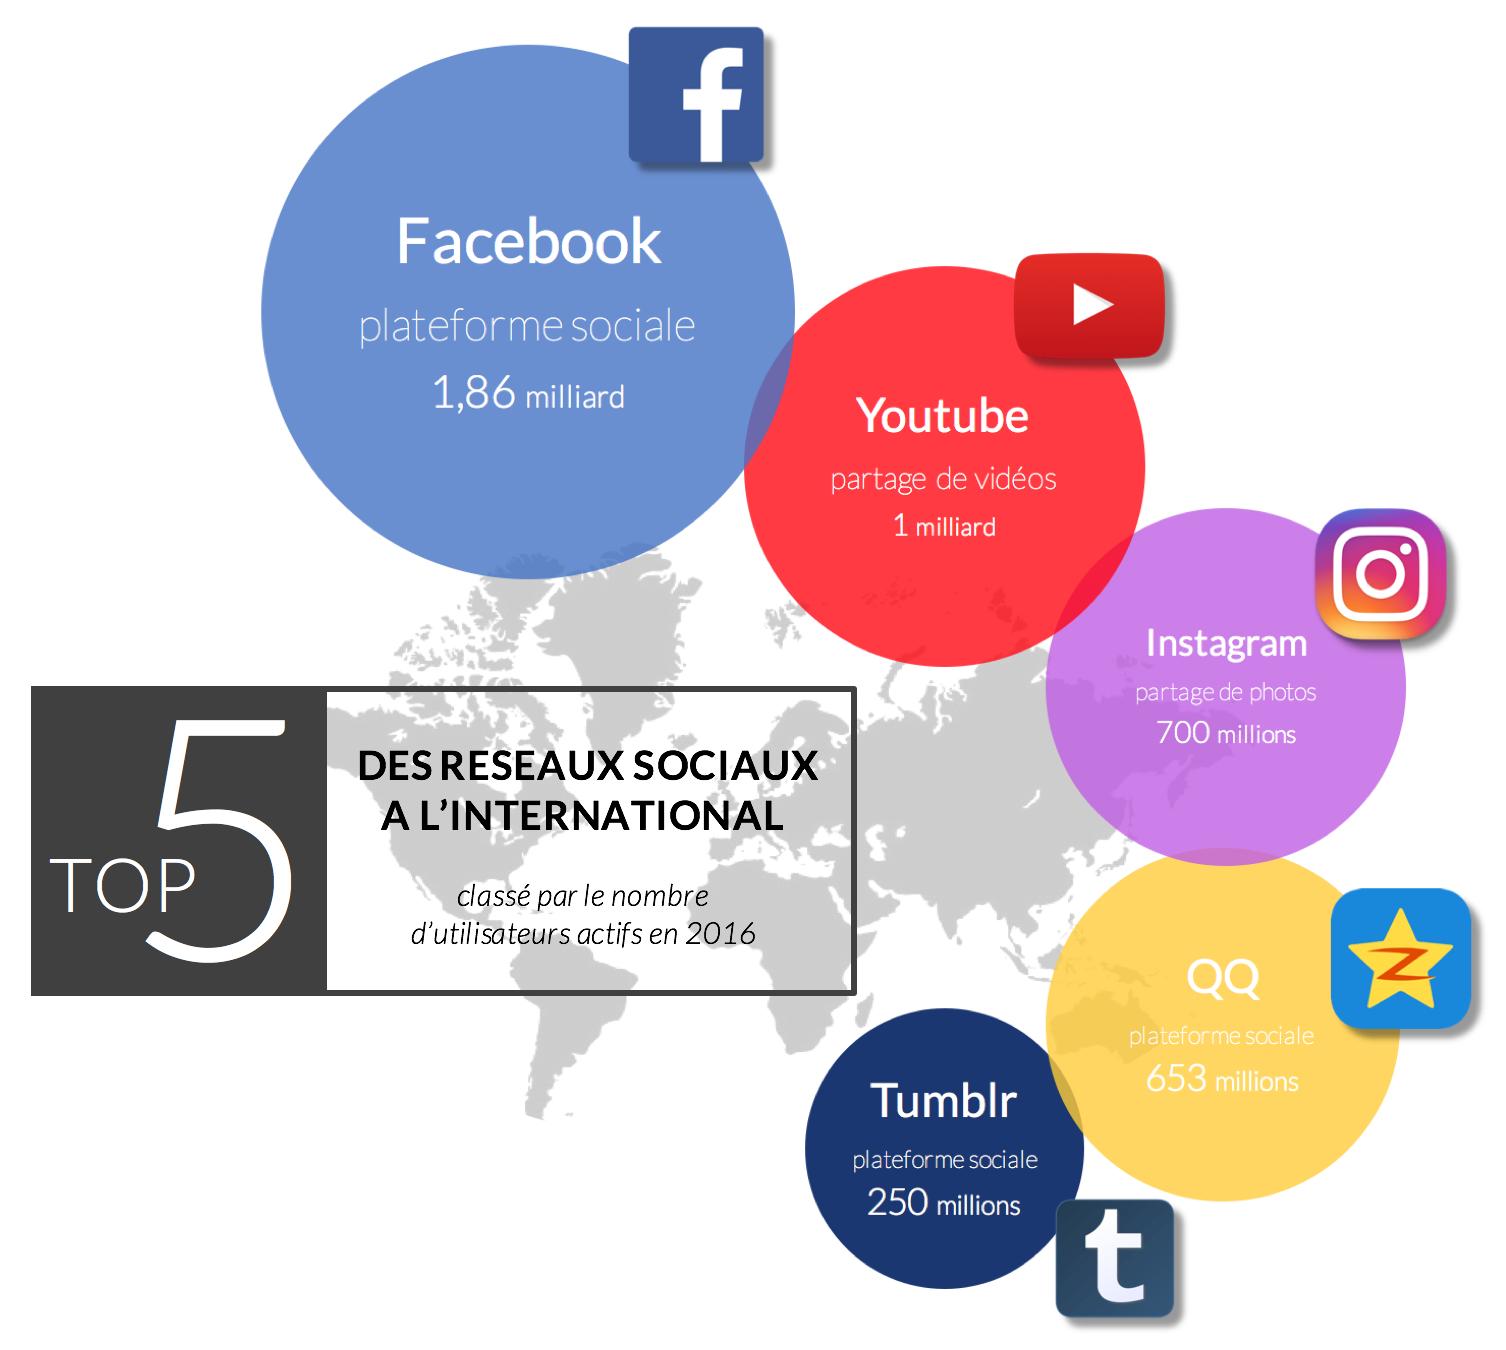 infographie-meilleurs-réseaux-sociaux-international